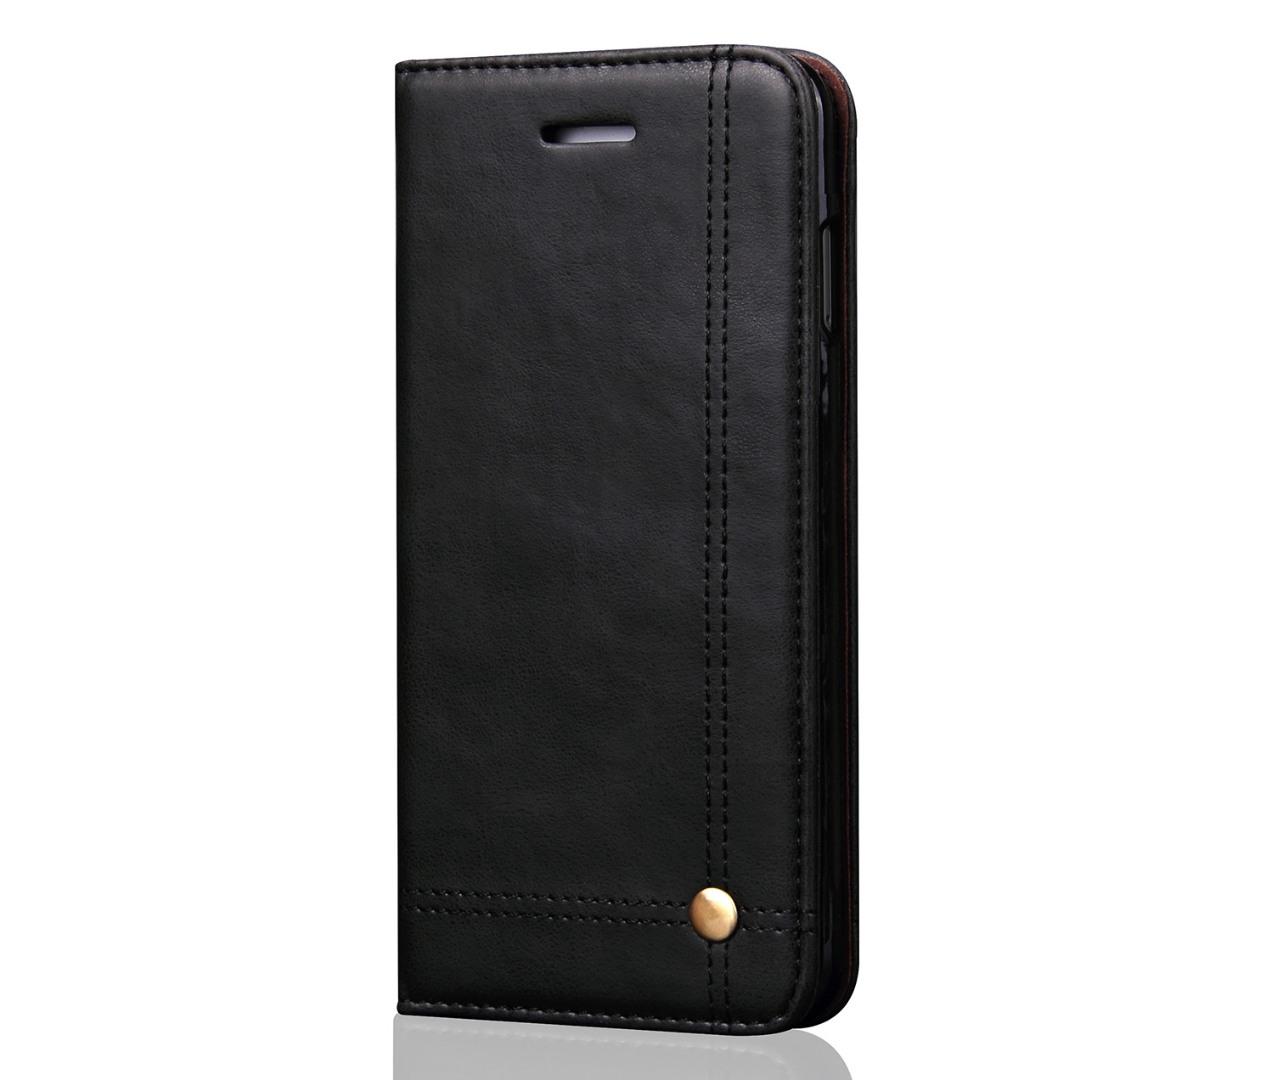 Husa piele, tip portofel, cusaturi ornamentale, stand, inchidere magnetica, iPhone 6 / 6s - CaseMe, Negru